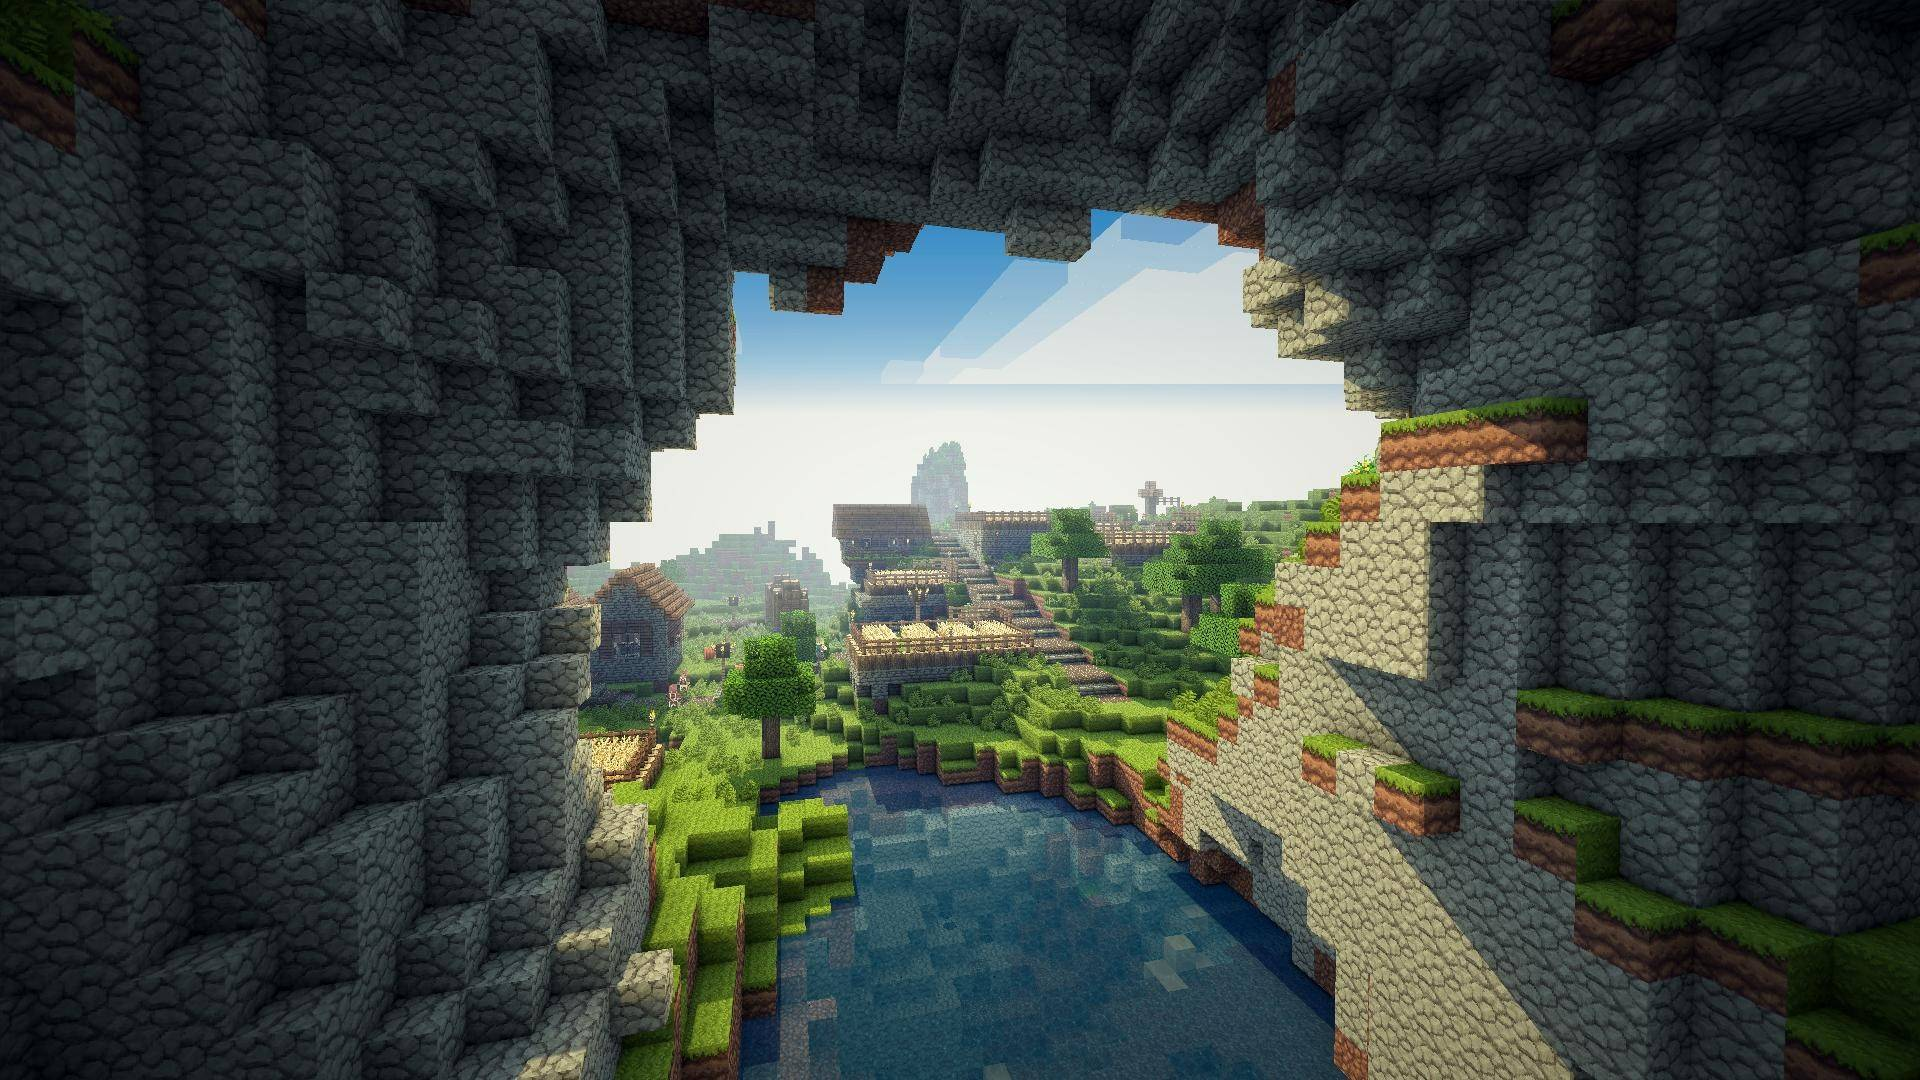 Minecraft Wallpaper 20 1920x1080 768x432